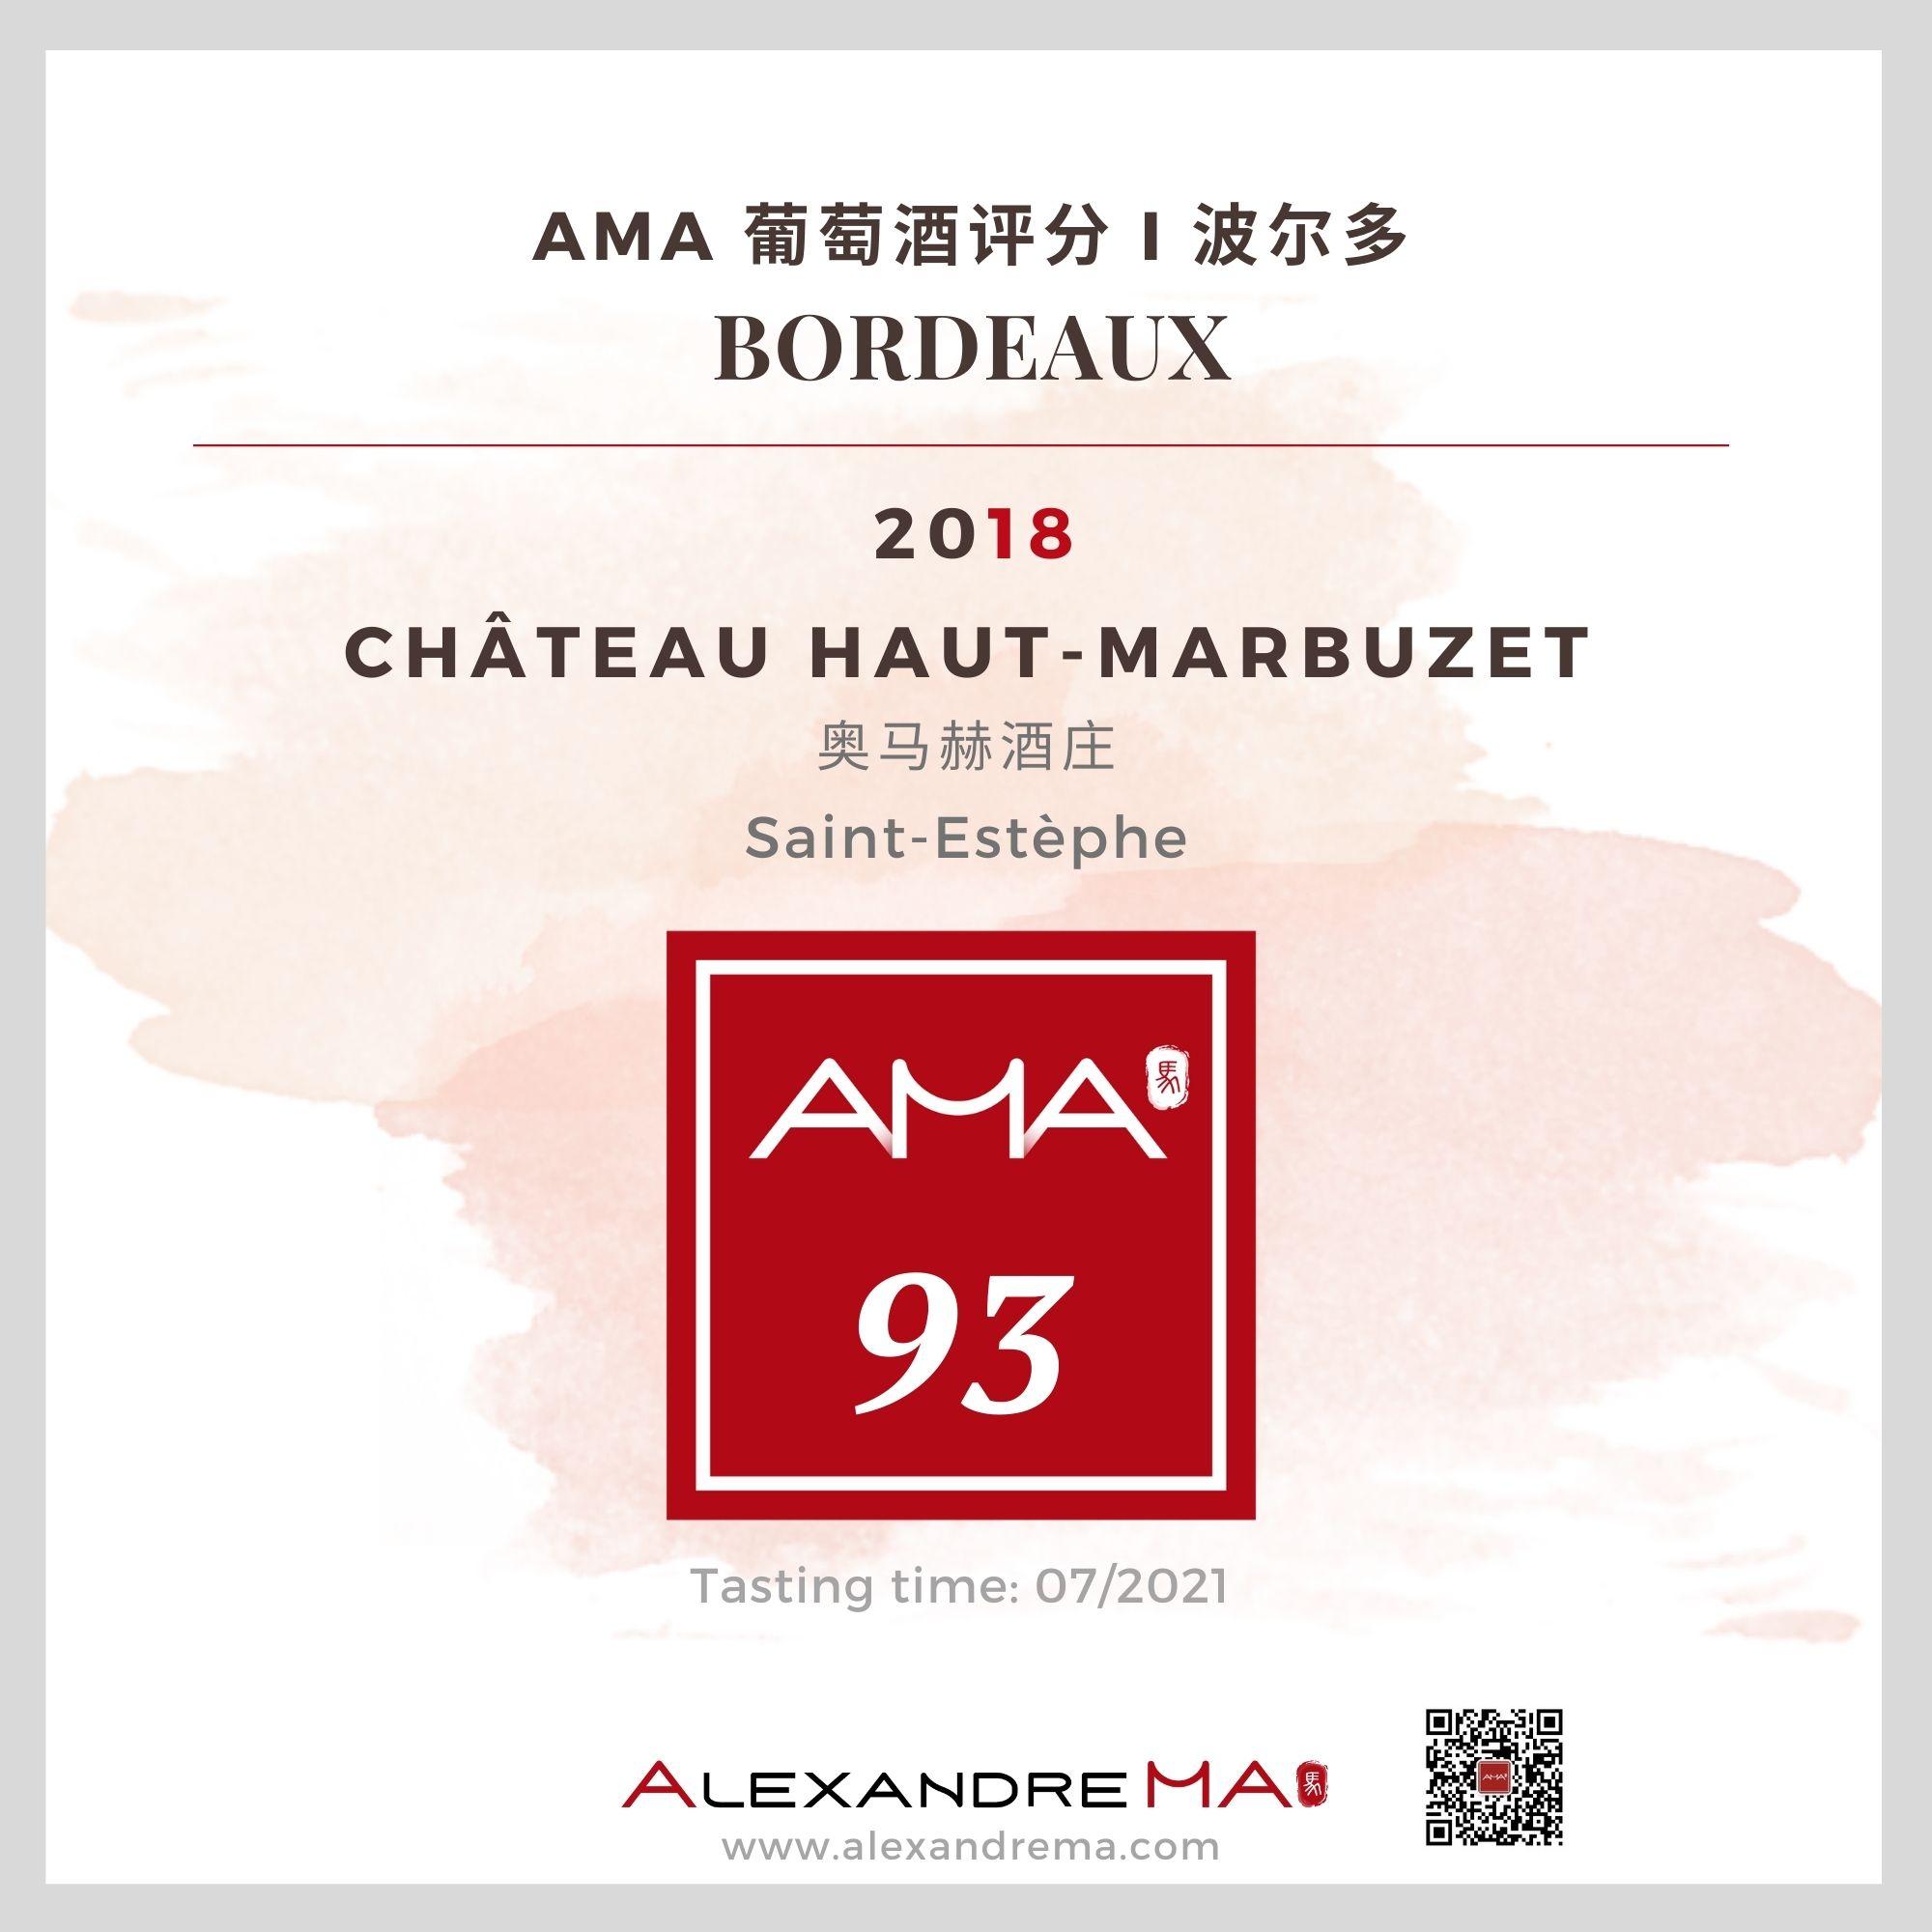 Château Haut-Marbuzet 2018 - Alexandre MA